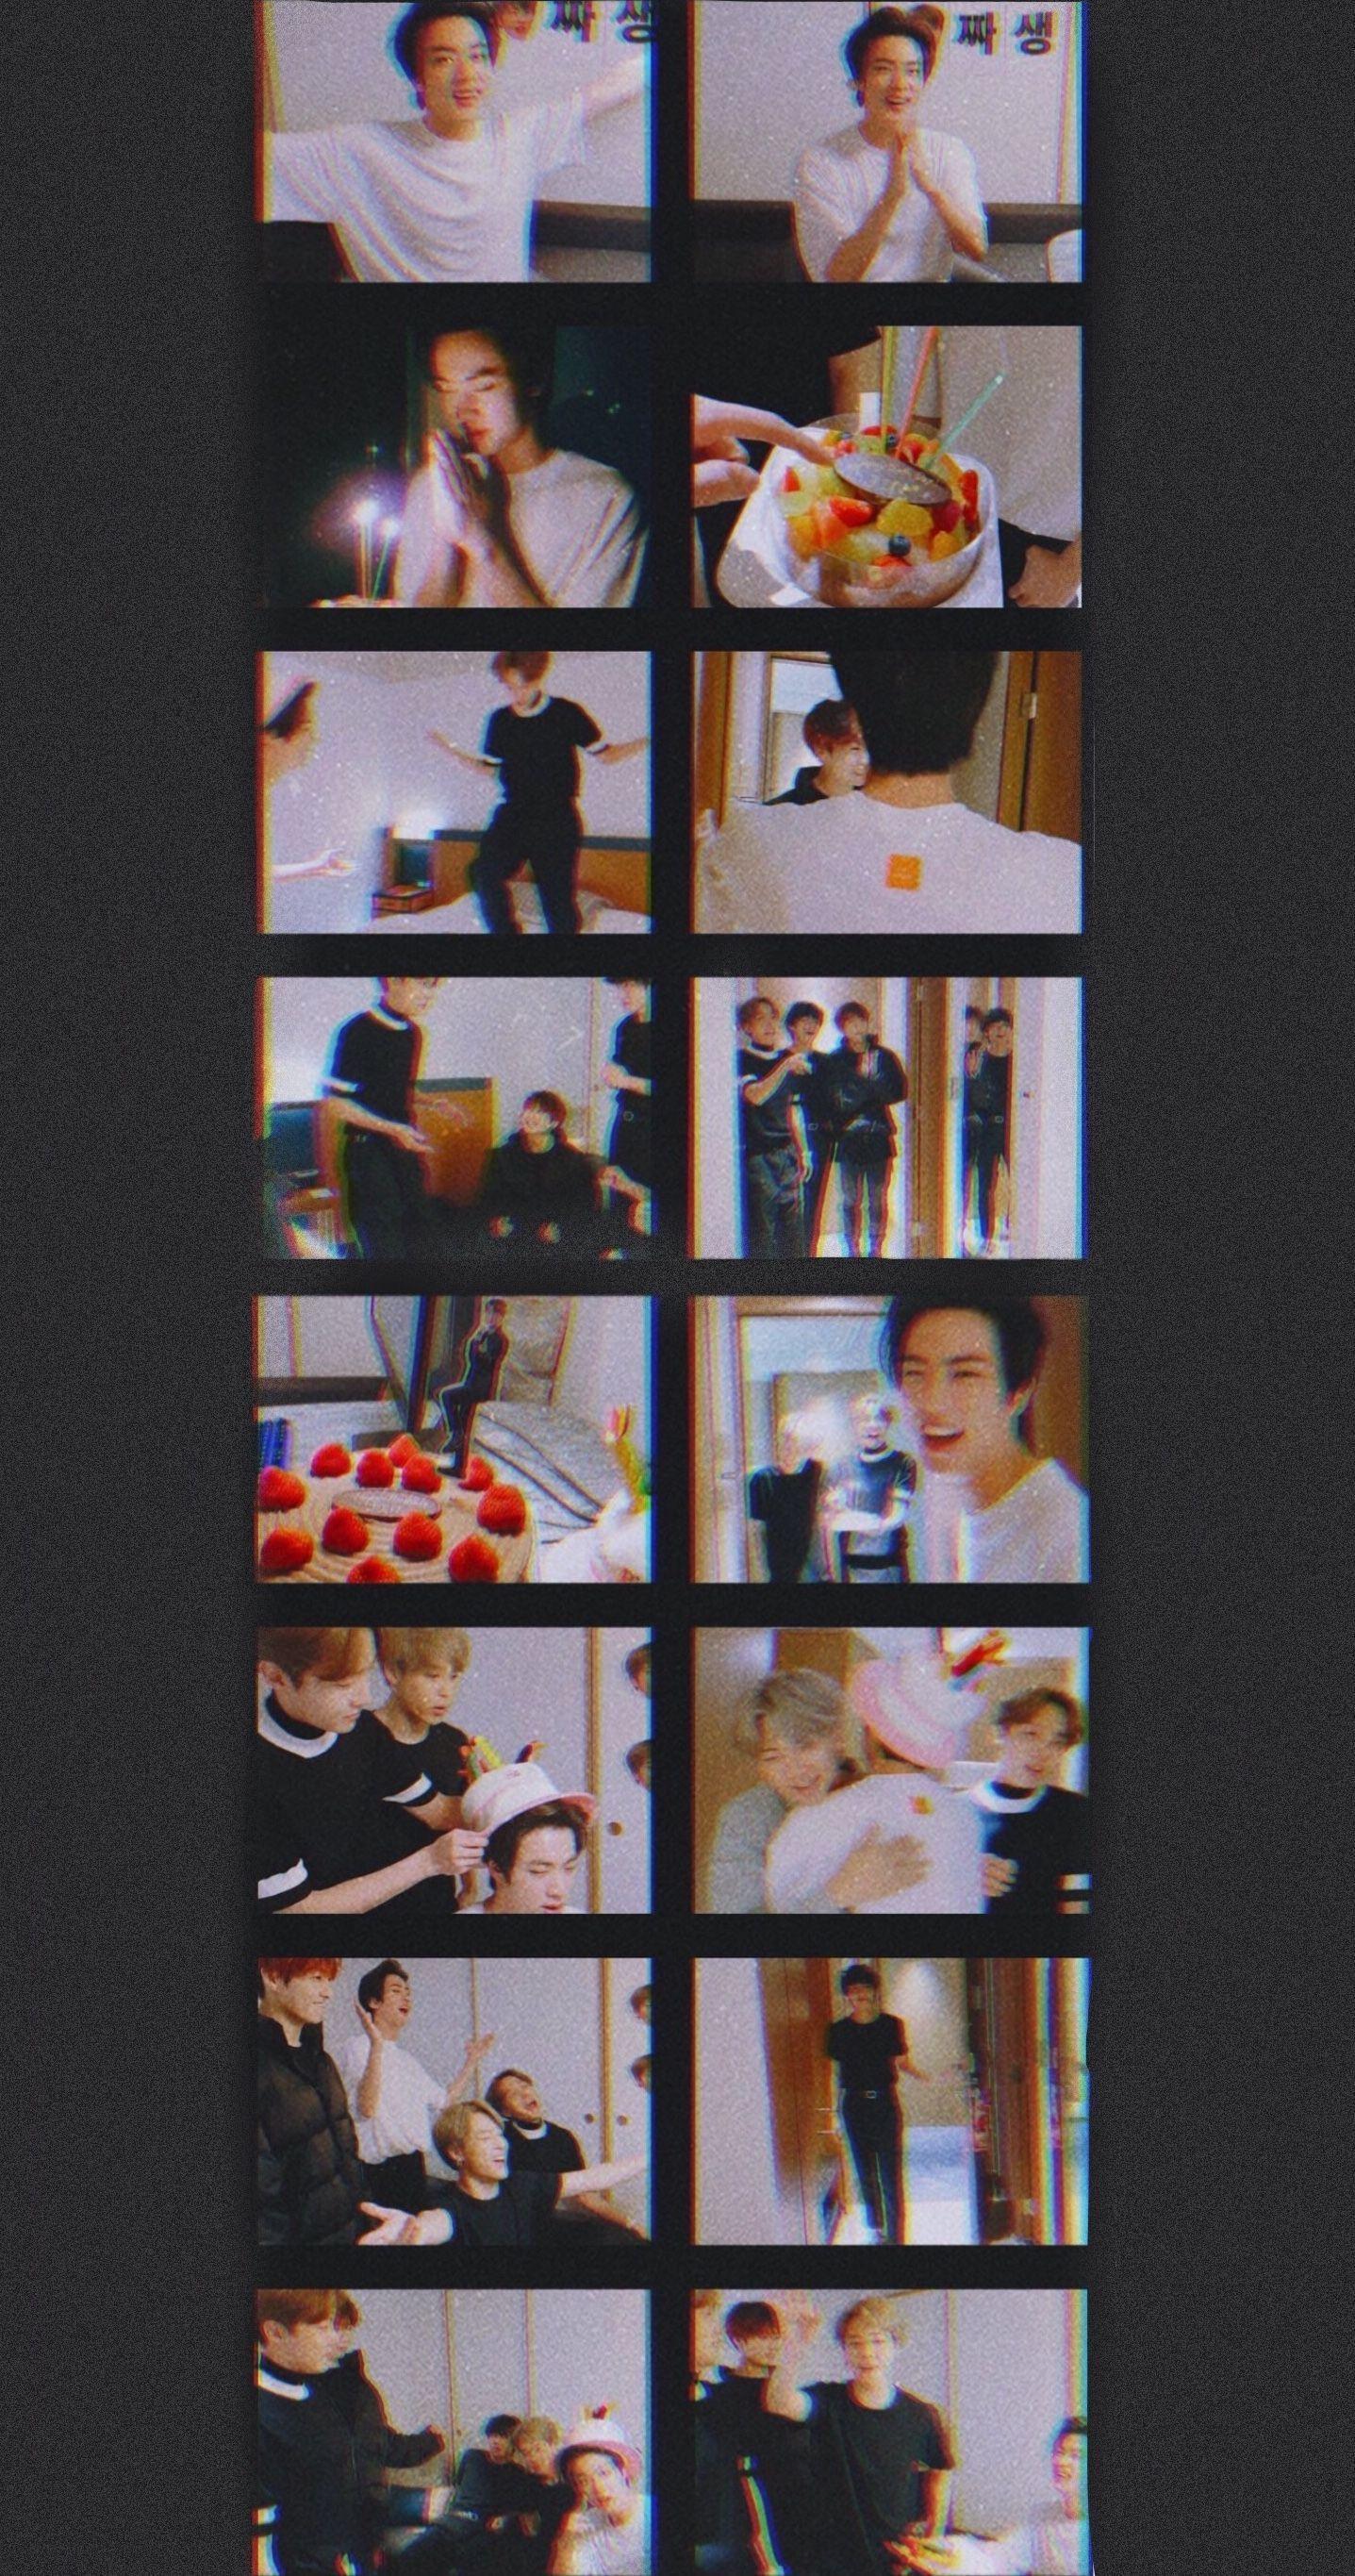 Bts Jin Birthday Wallpaper Jinbirthday Bts Wallpaper Jin Birthday Vlive Jinbirthday Bts Jin Birthday Wallpaper In 2020 Bts Wallpaper Birthday Wallpaper Bts Jin